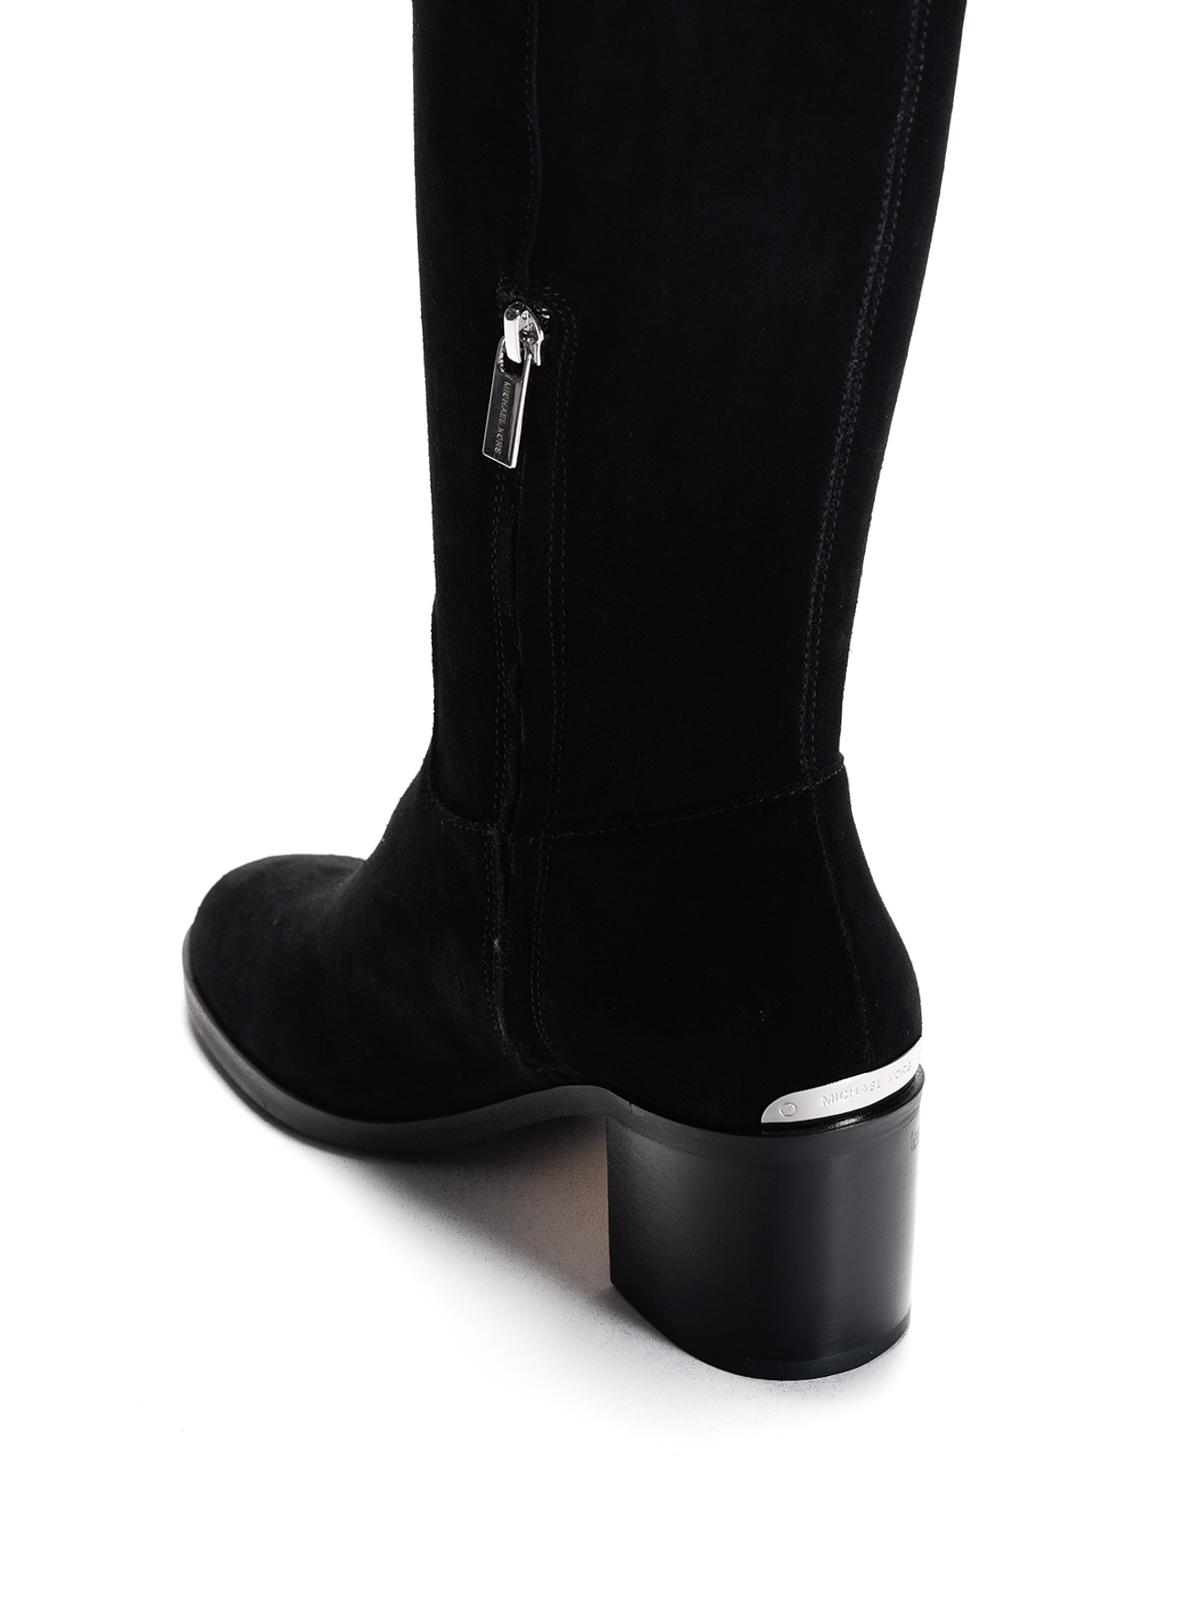 40f5pamb6s Suede Michael Kors Paulette Boots pzjLqSUMVG